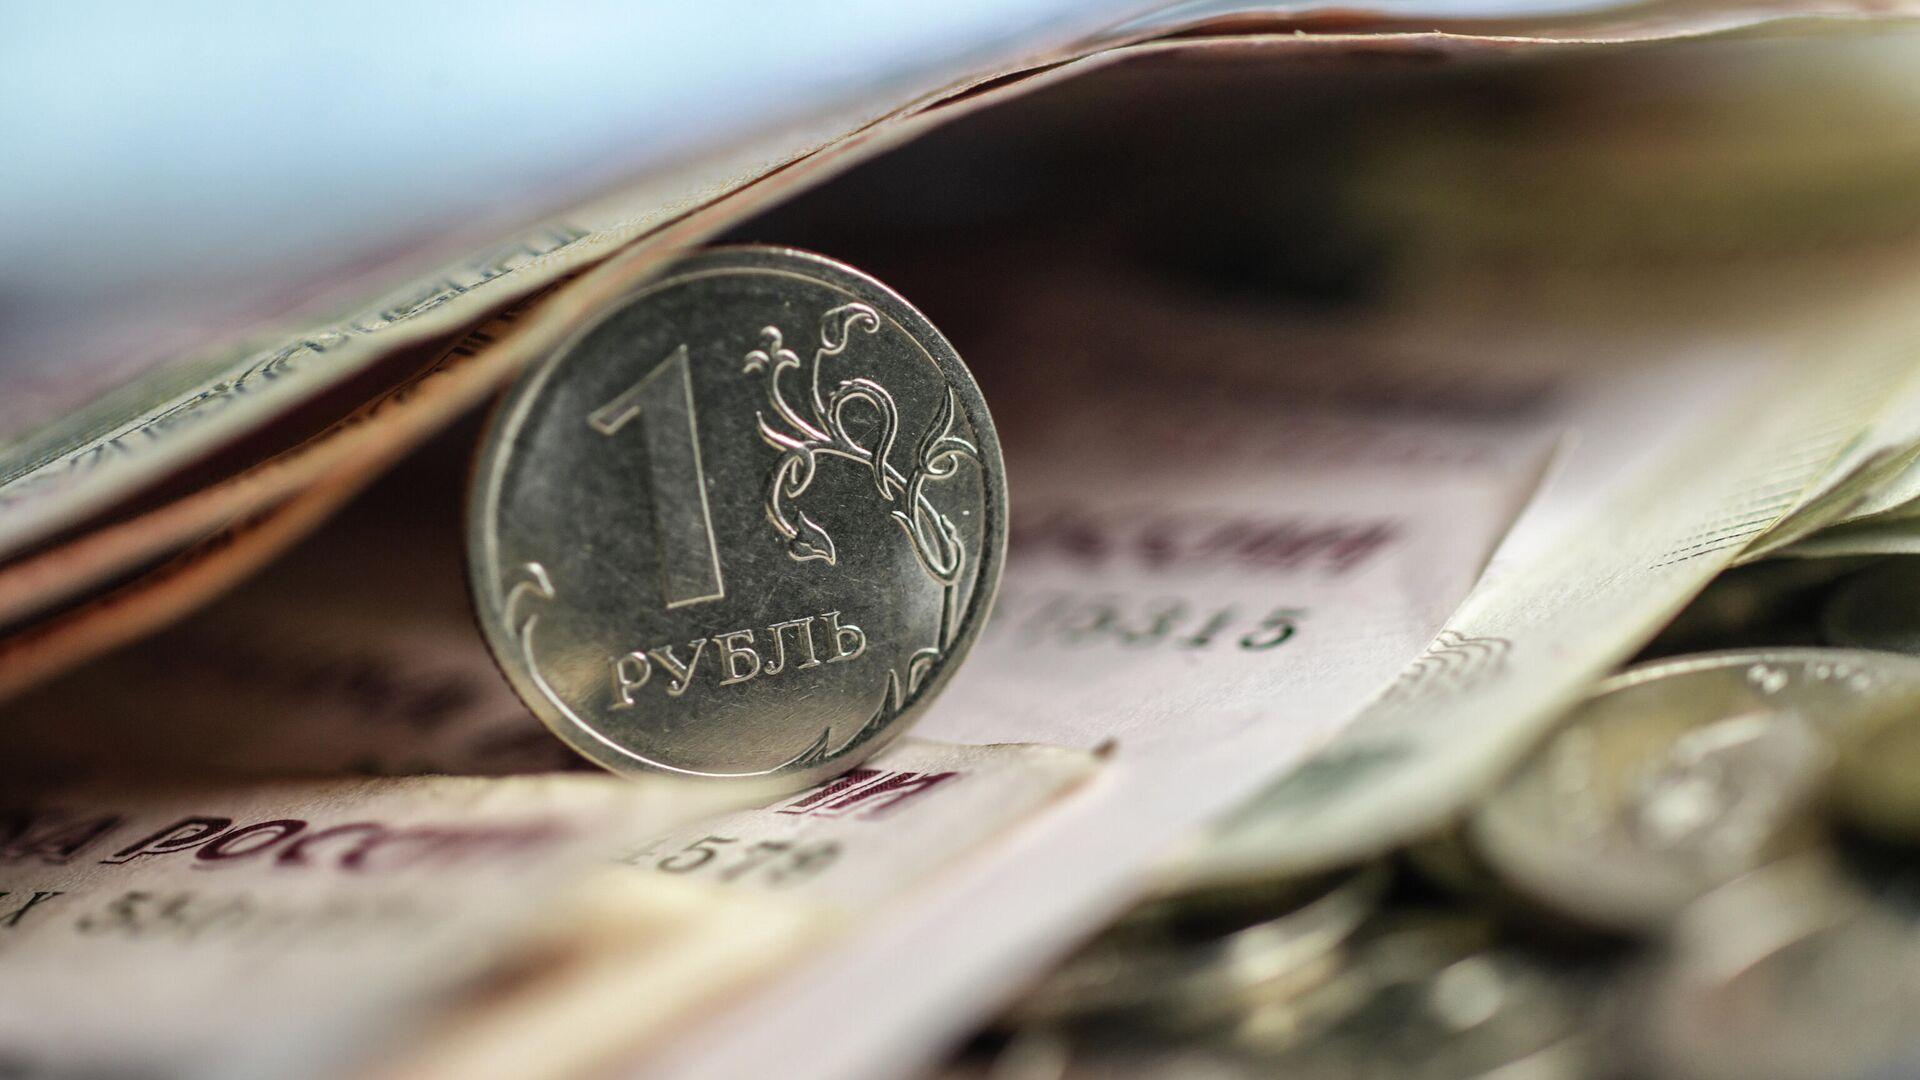 Денежные купюры и монеты - РИА Новости, 1920, 17.04.2021